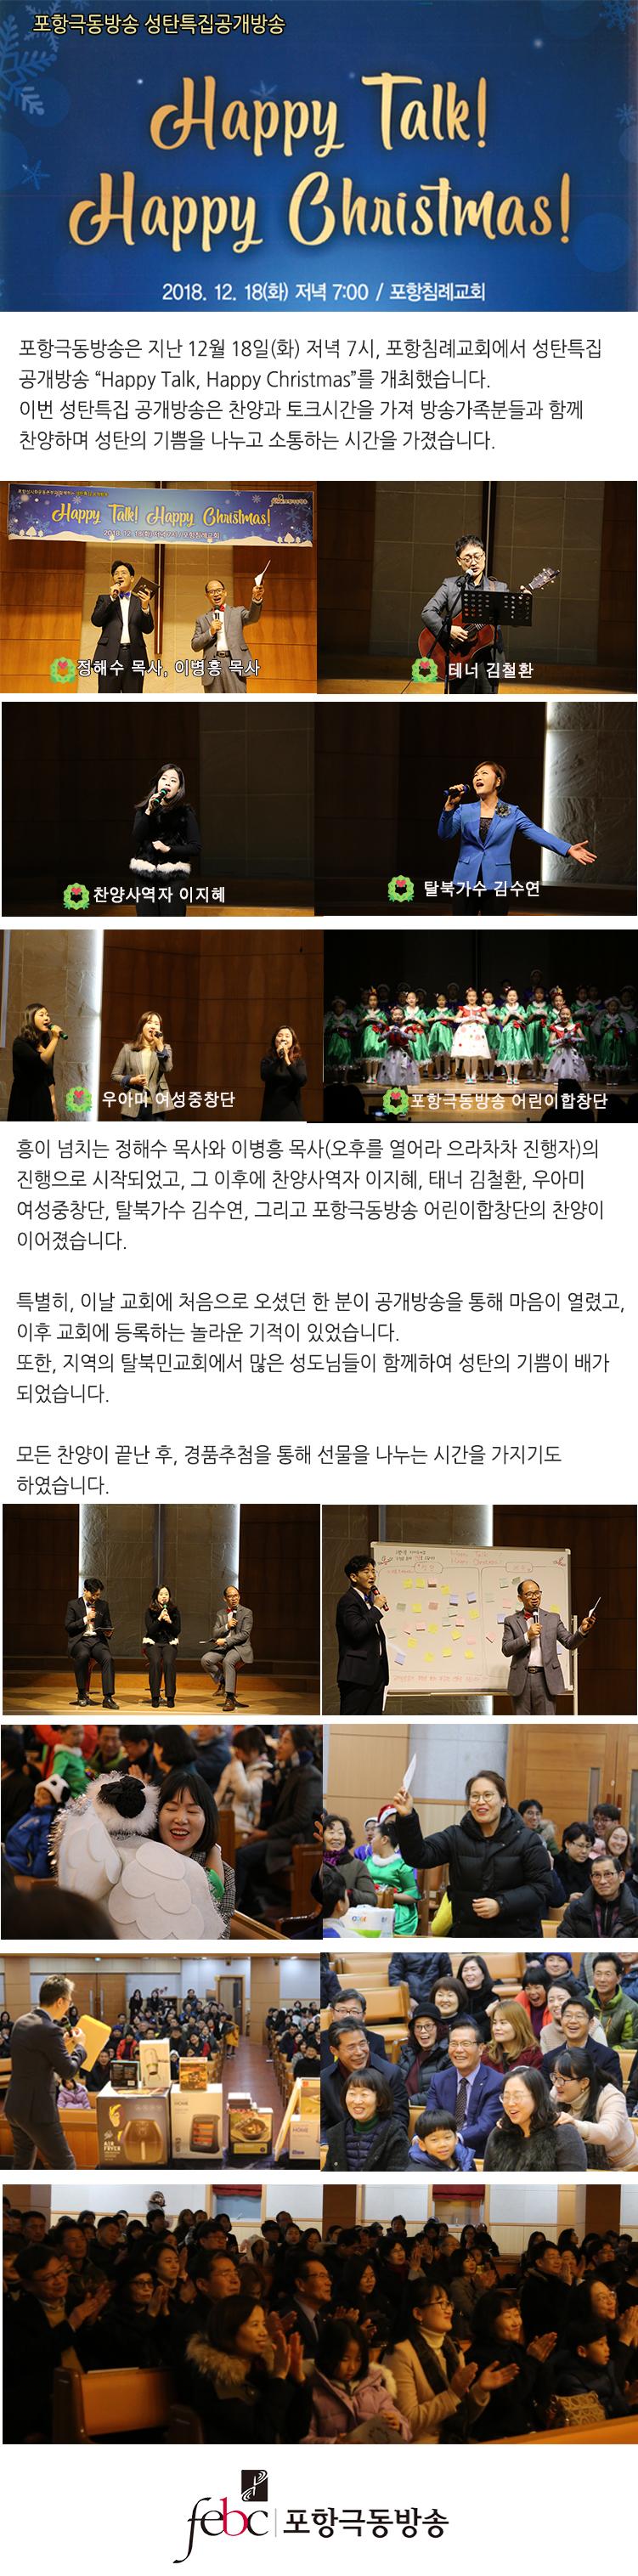 20181218 해피톡해피크리스마스-최종1[1].jpg